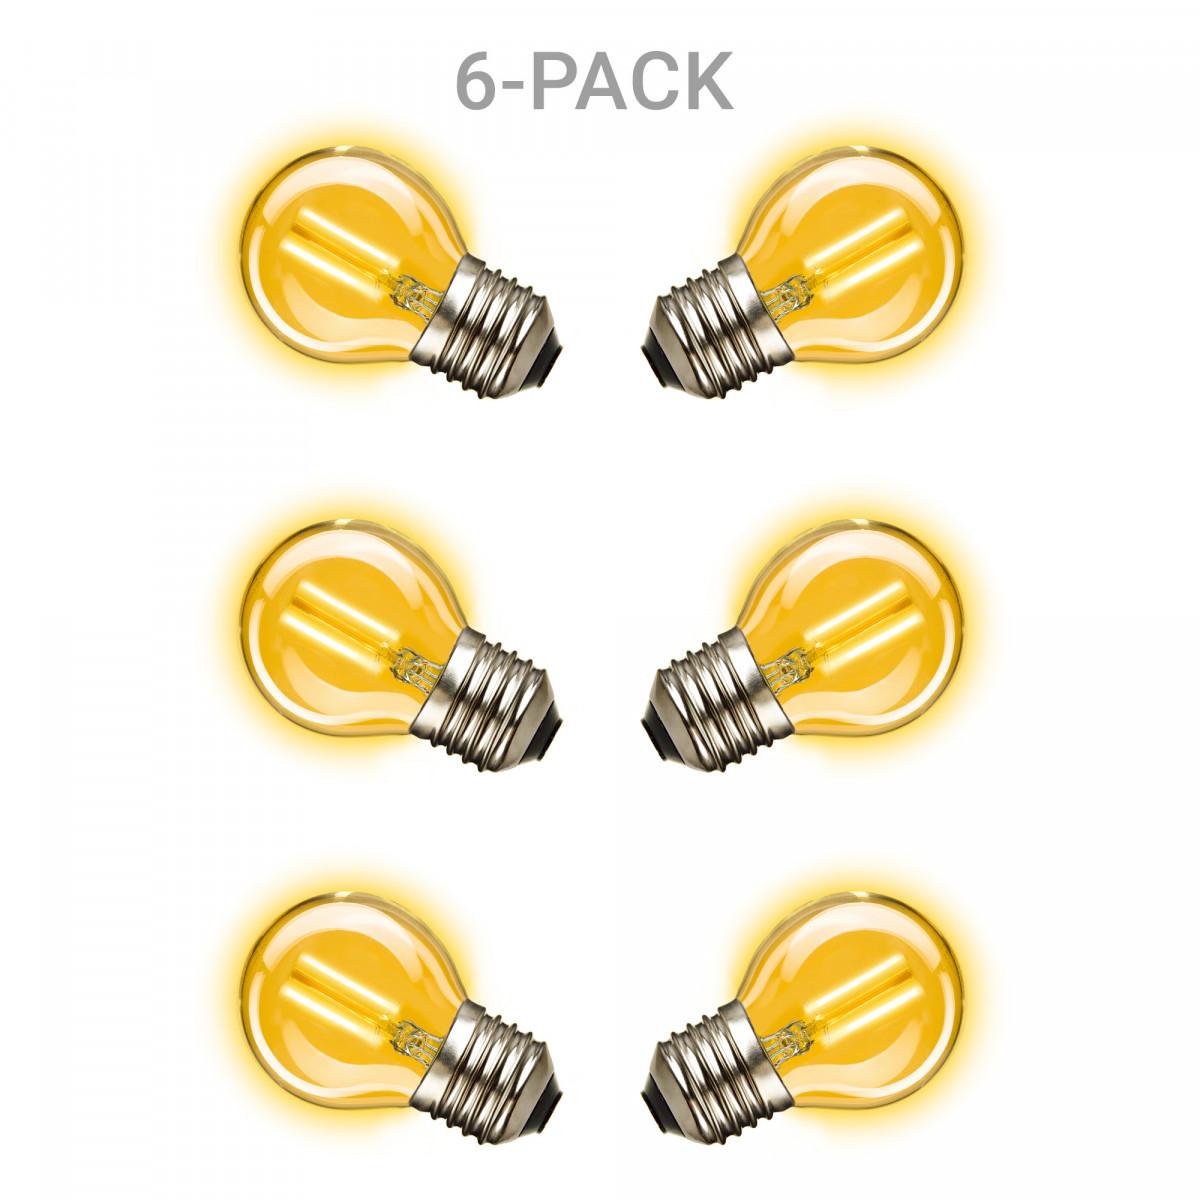 6-pack Mini Gold Ledlamp E27